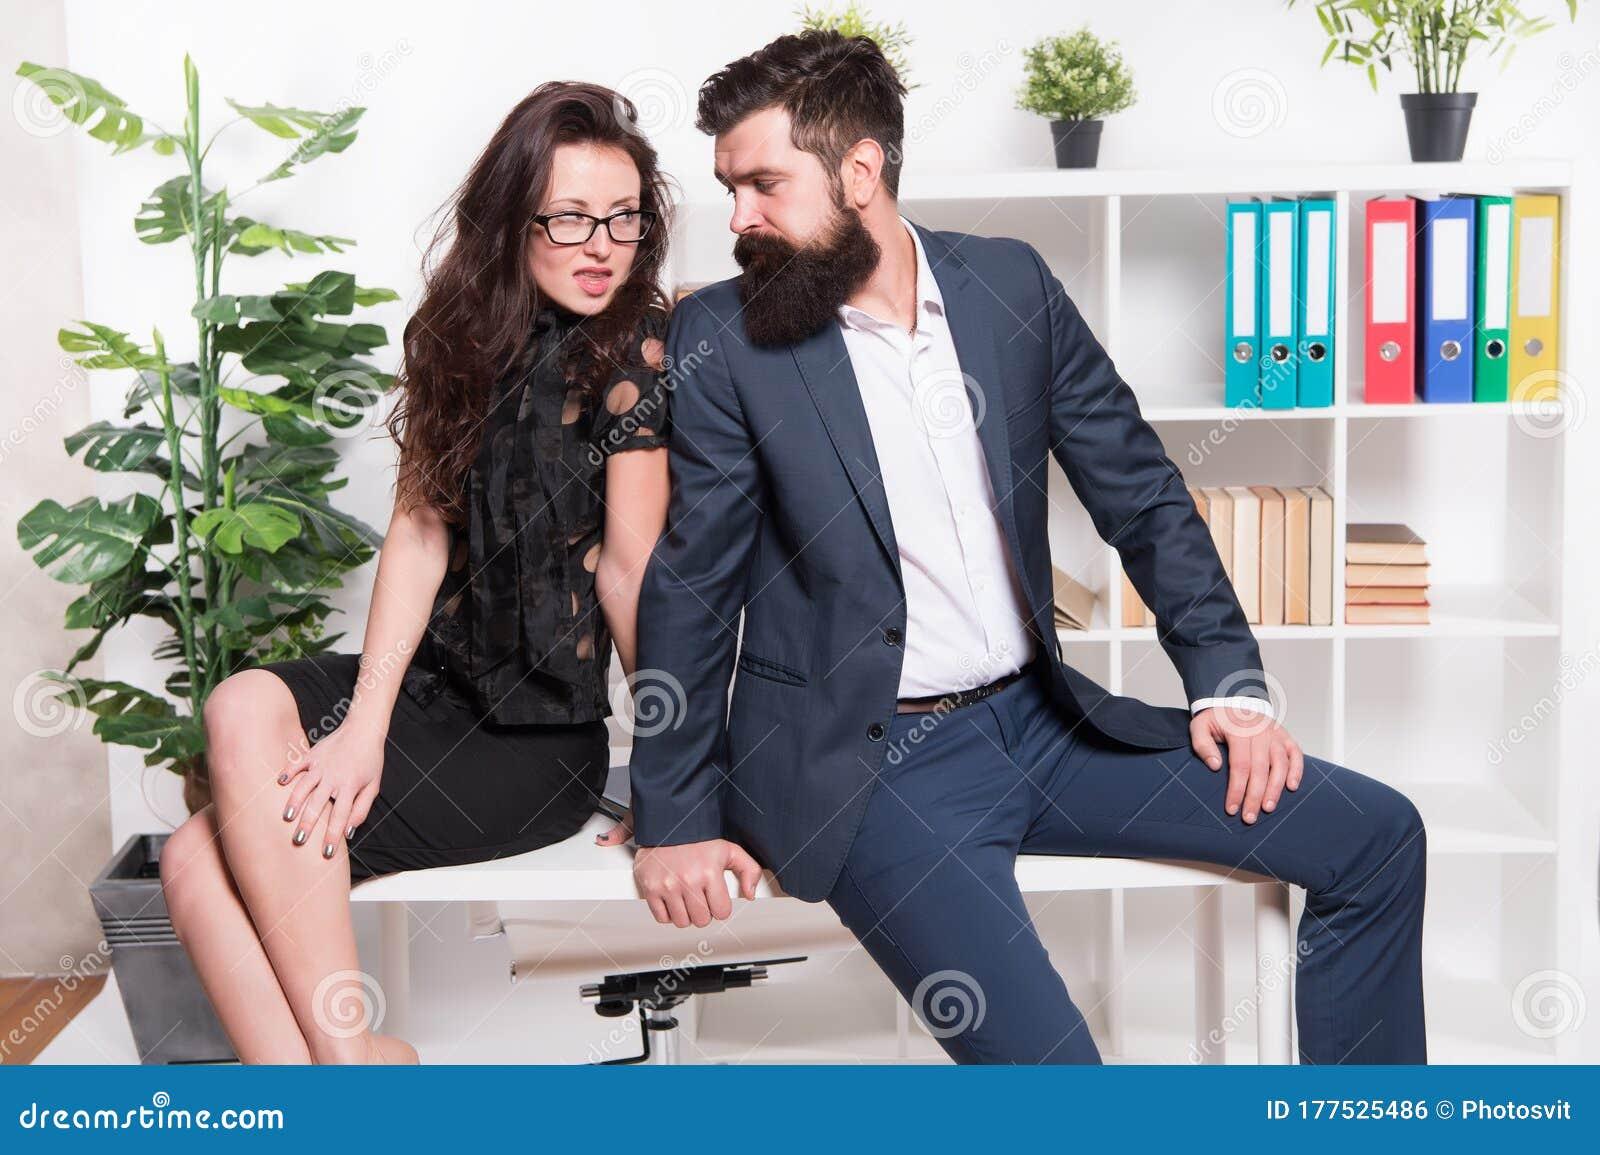 flirter avec une fille au travail)